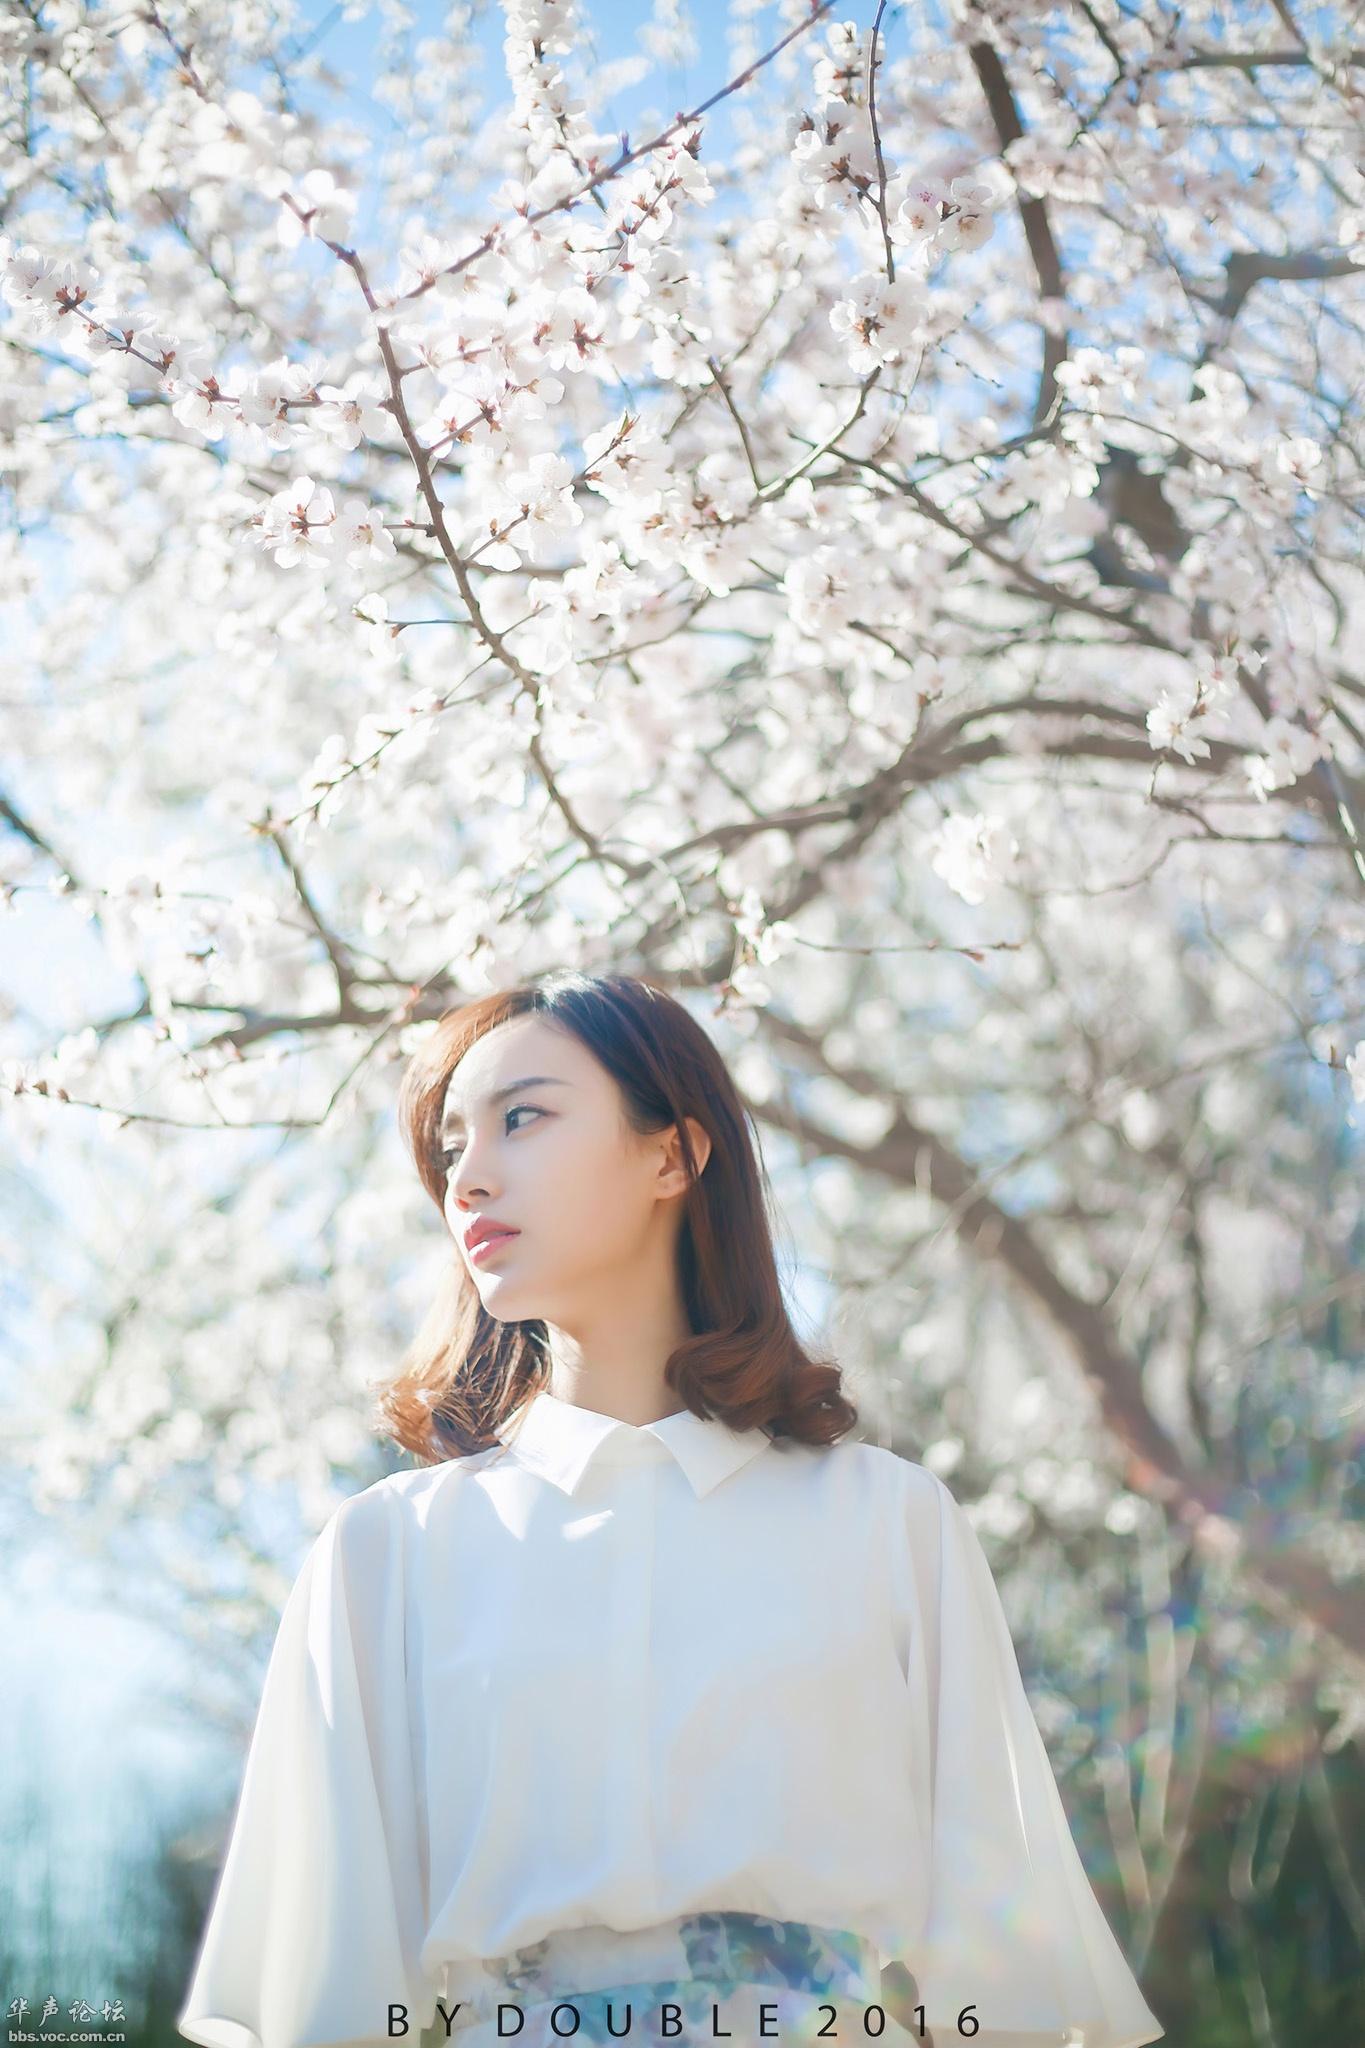 花开一季的芬芳,谁来许我一世的忧伤【情感美文】 - 花仙子 - 花仙子的博客.